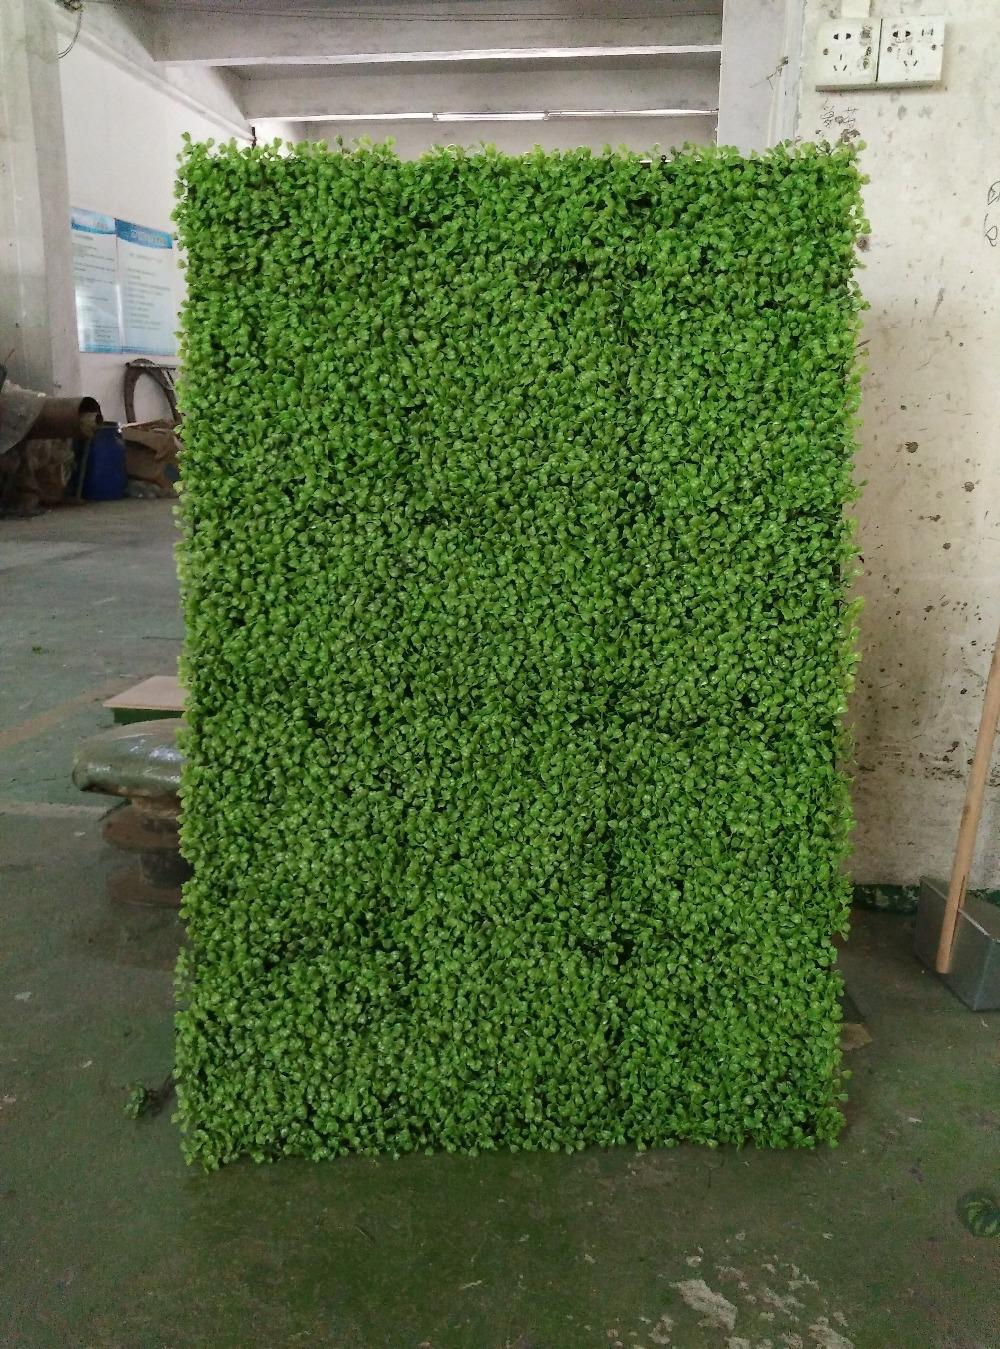 grass decoration decoration for home. Black Bedroom Furniture Sets. Home Design Ideas